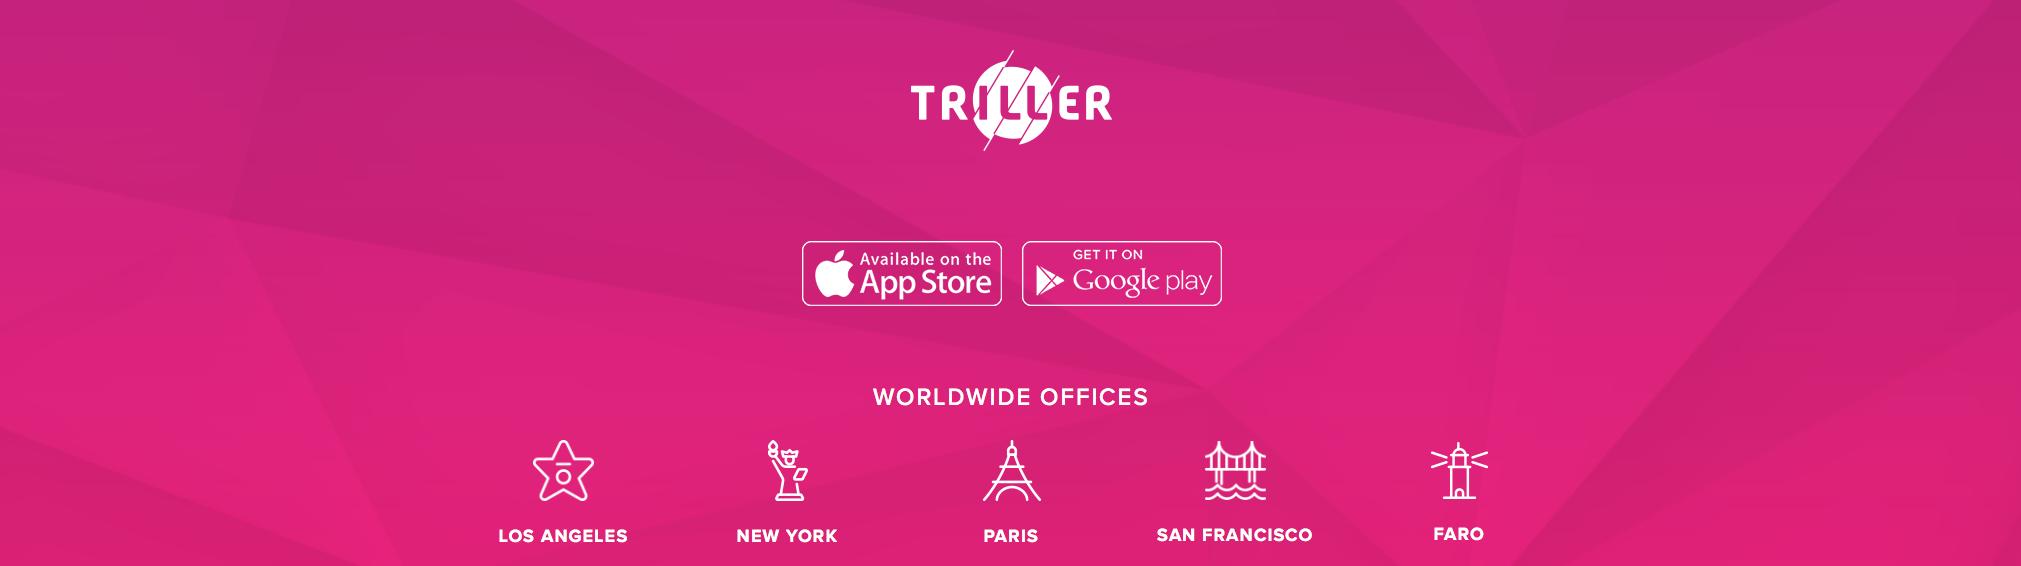 TRILLER | Contacter assistance, service clients et SAV de l'application Triller